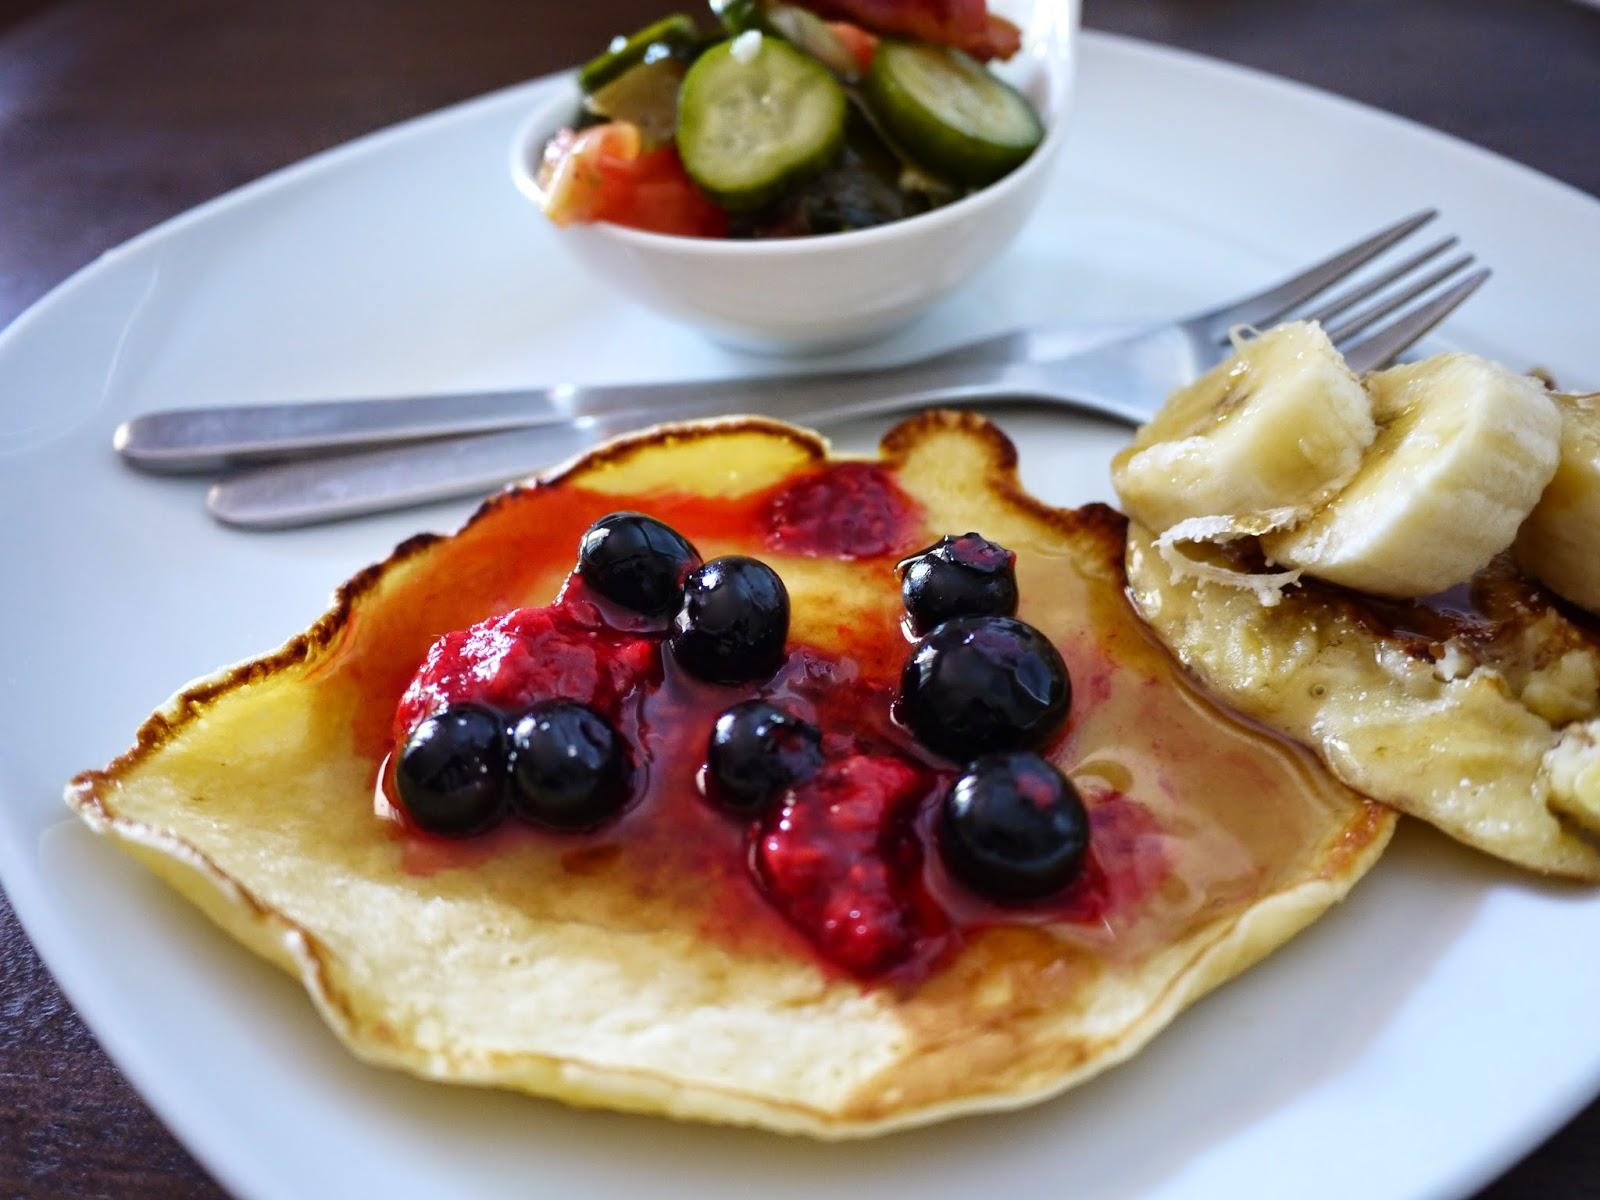 溫哥華的甜鹽巴小姐: 超好吃的美式Pancake食譜!